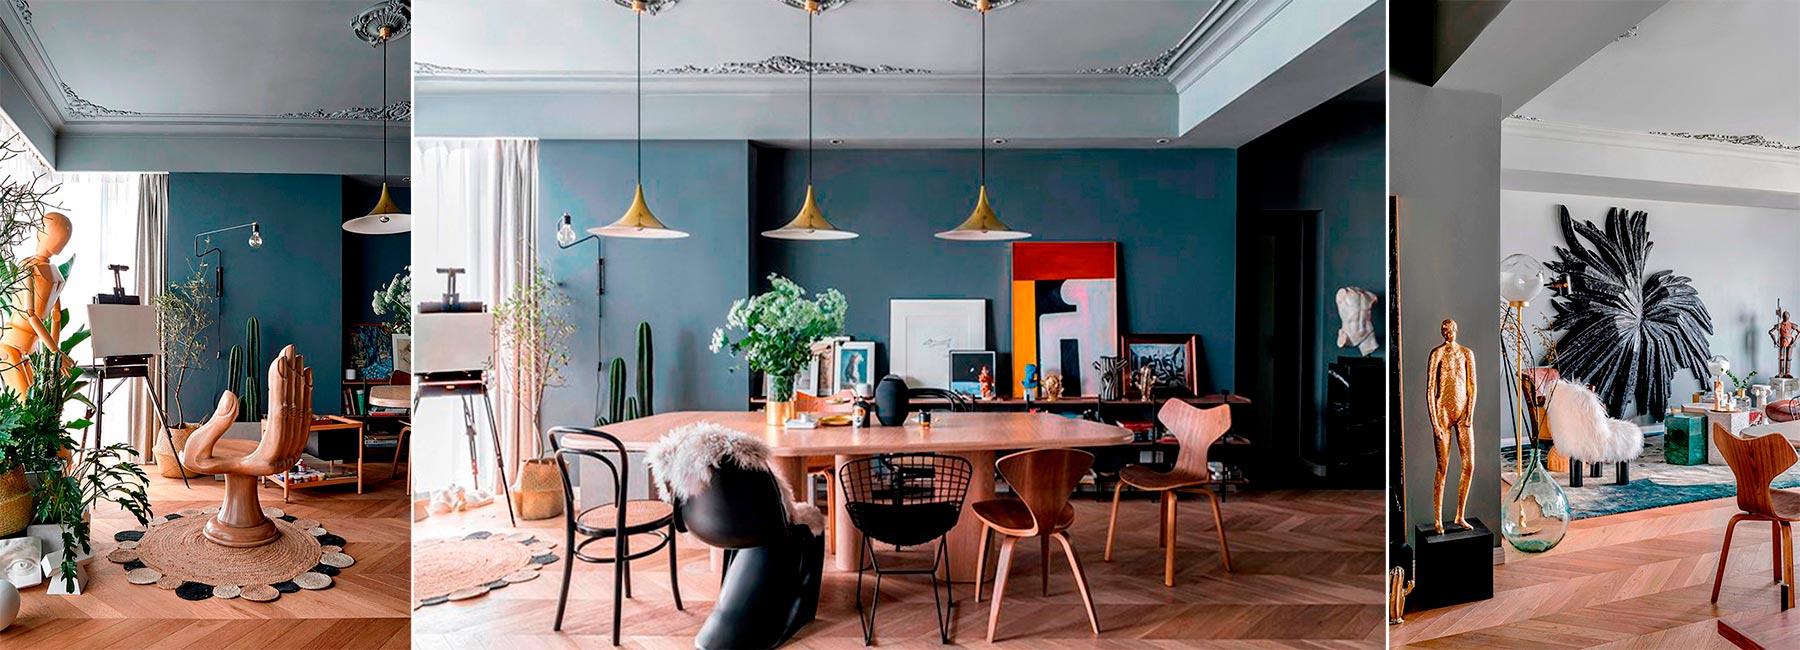 'Pippa's apartment'- необыкновенная квартира в Шанхае, декорированная в уникальном стиле